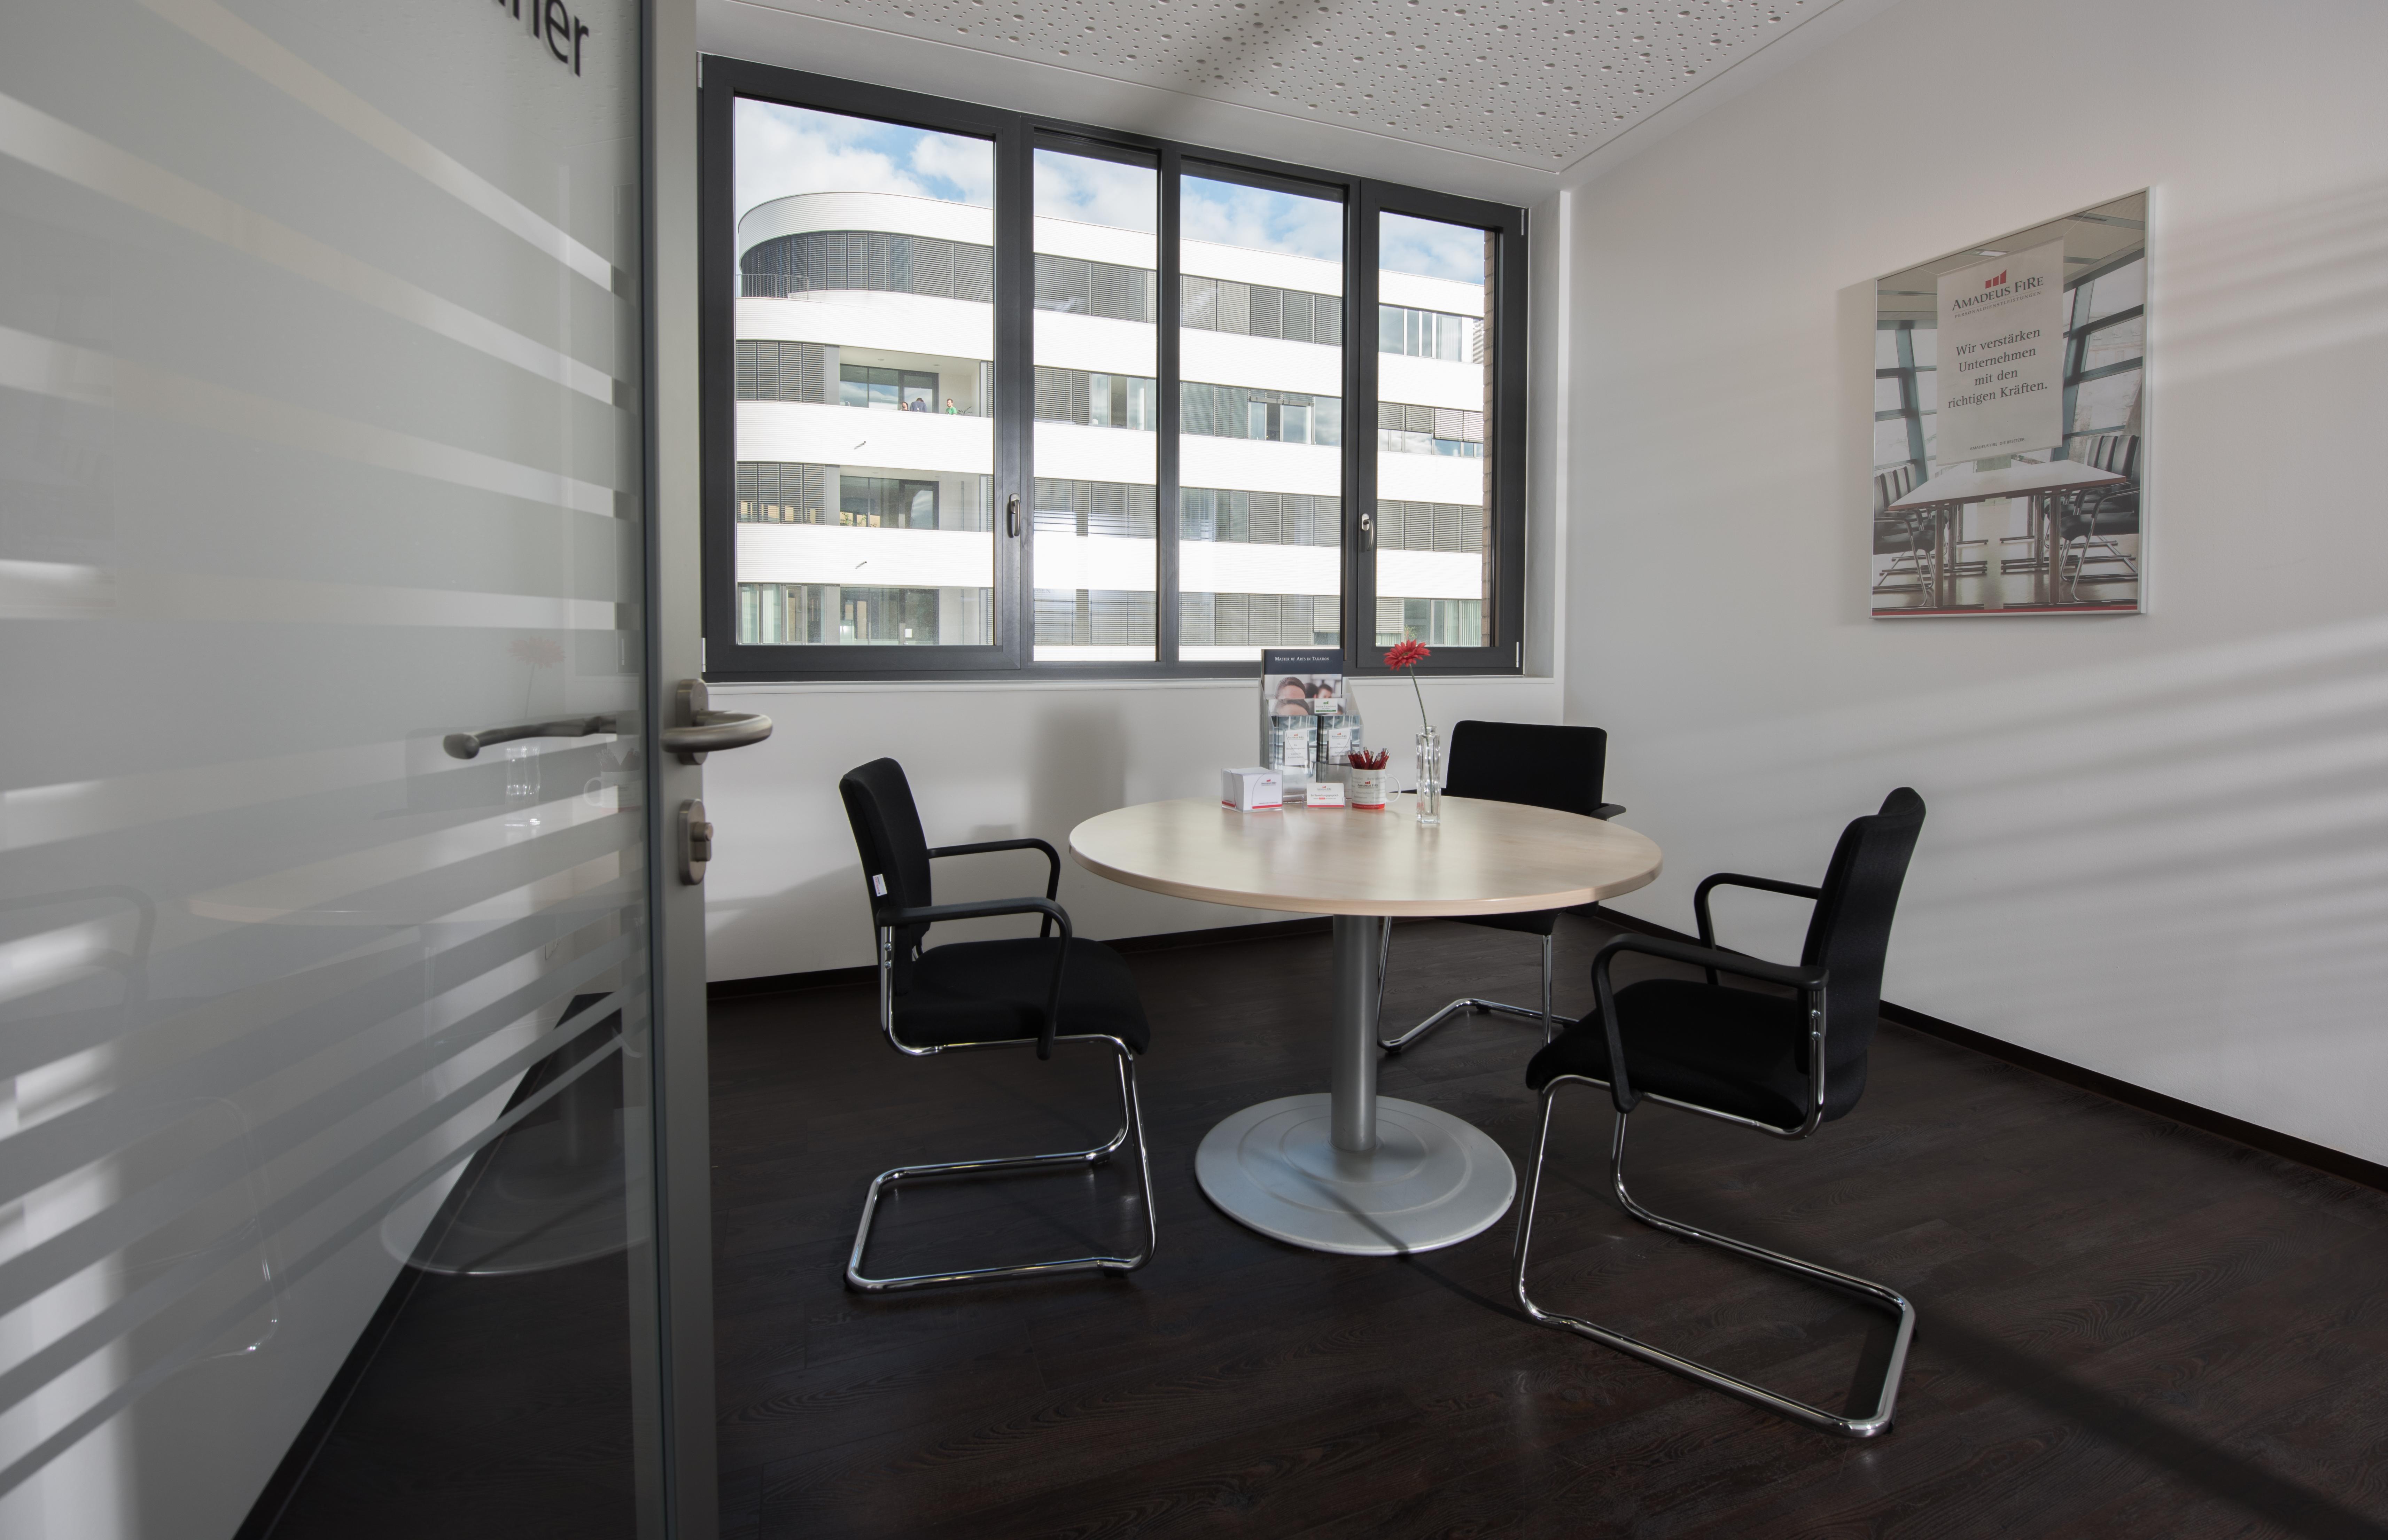 stellenangebote personalvermittlung und zeitarbeit f r karlsruhe in karlsruhe umkreis 100km. Black Bedroom Furniture Sets. Home Design Ideas